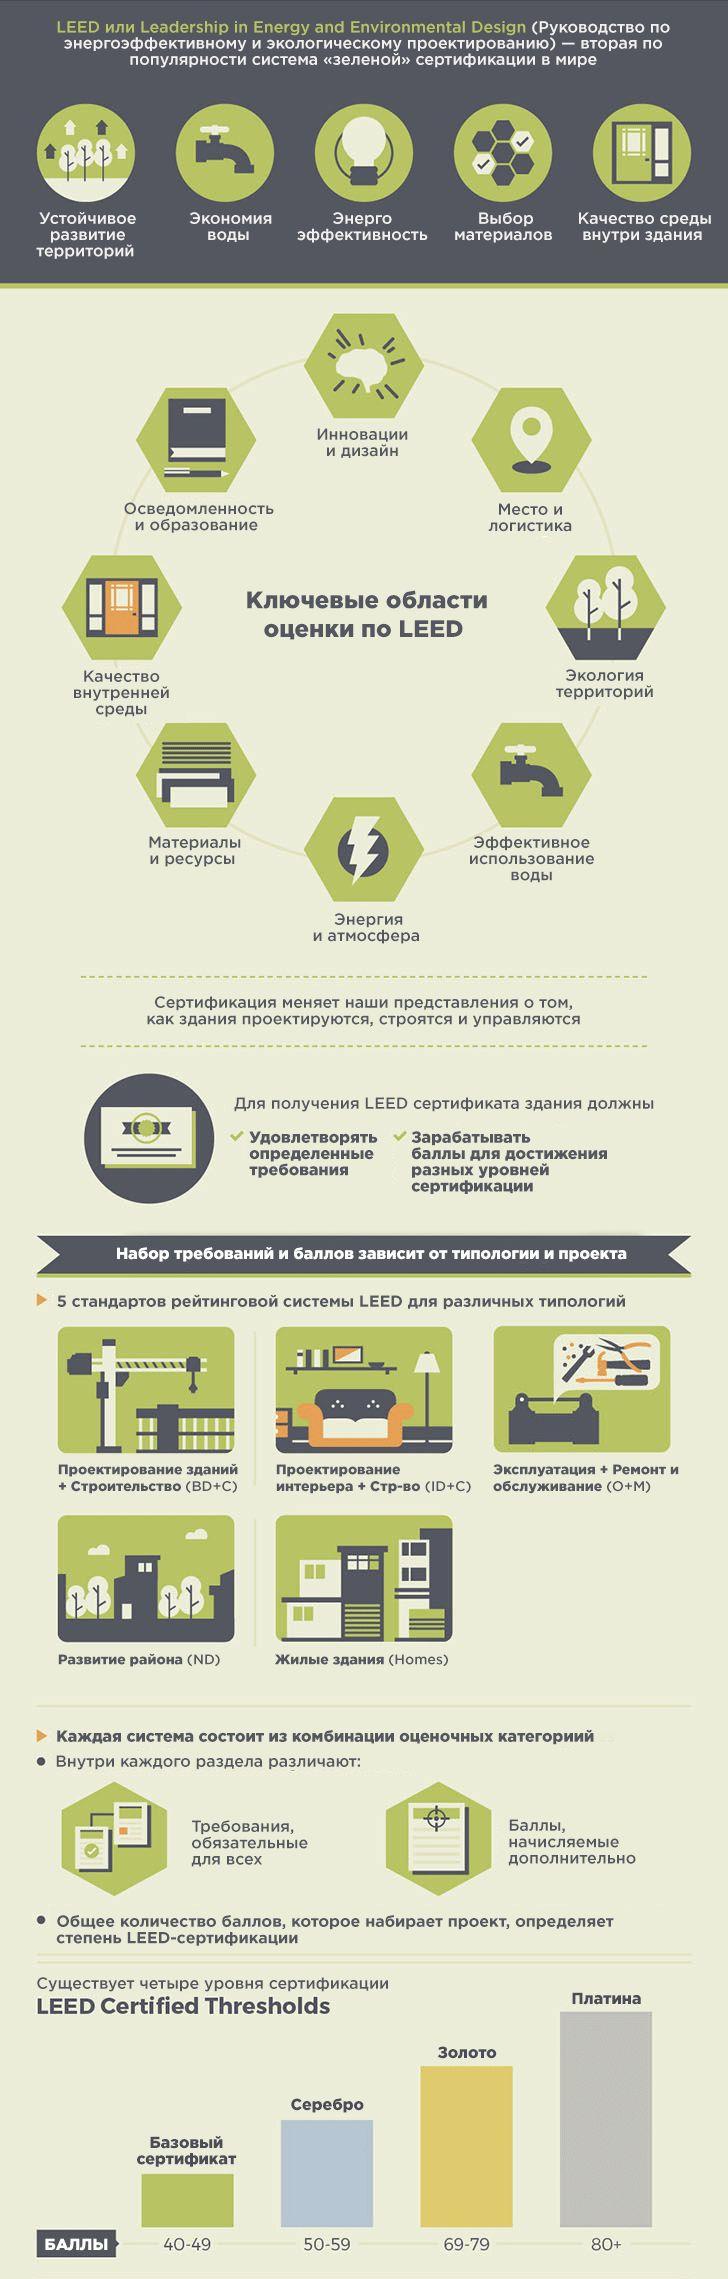 Инфографика: всё, что вы хотели знать про LEED